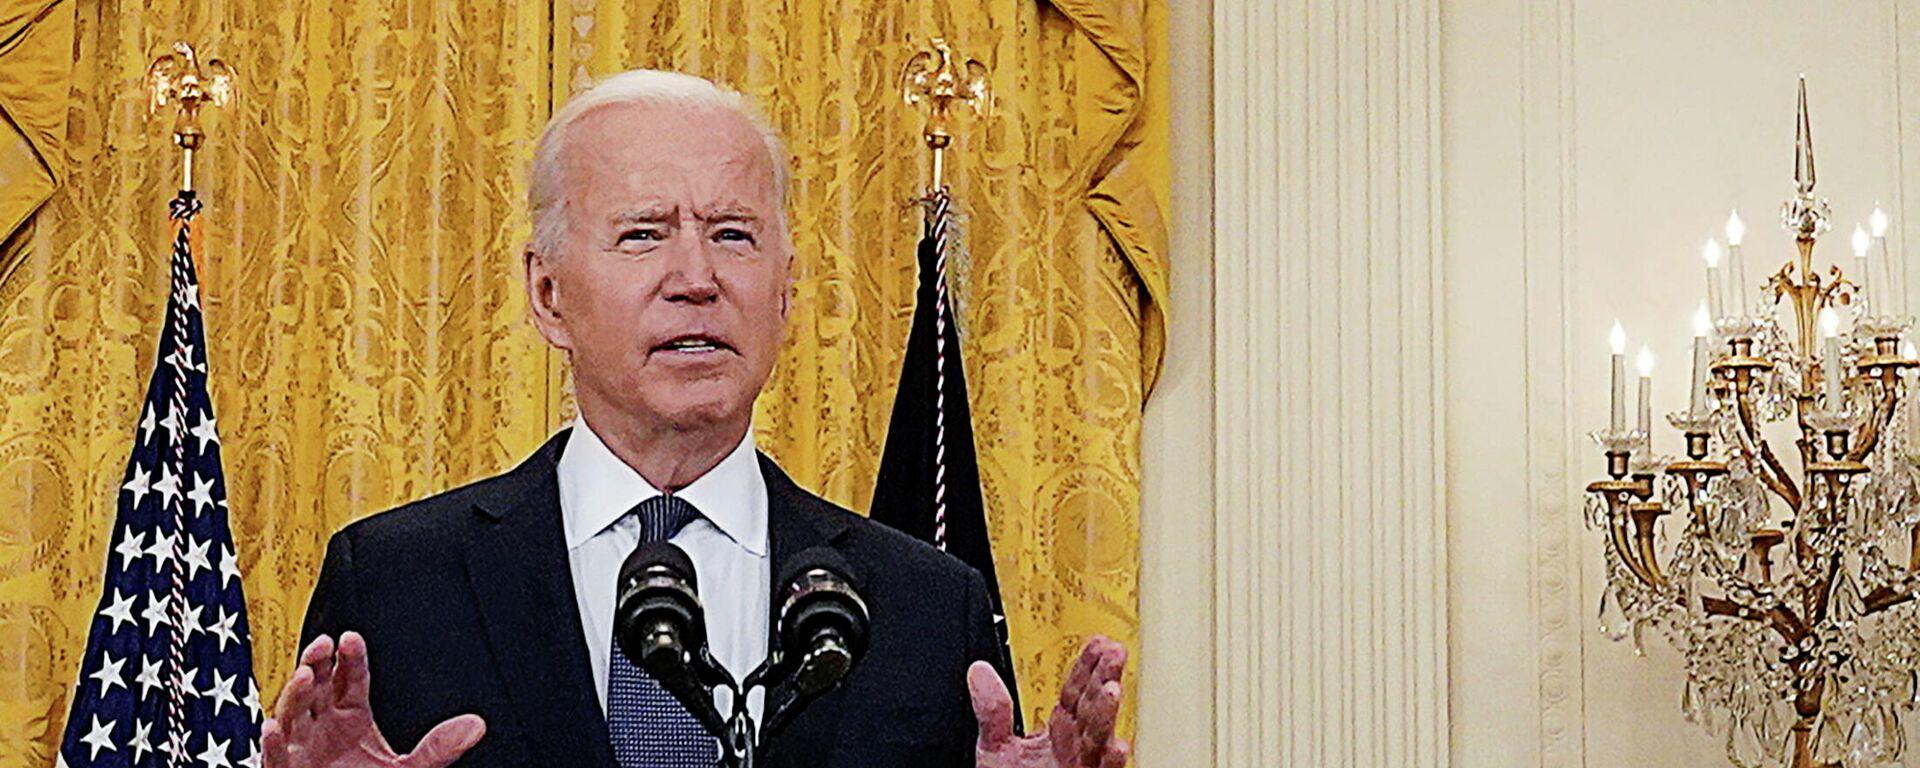 Joe Biden, presidente de Estados Unidos - Sputnik Mundo, 1920, 18.06.2021